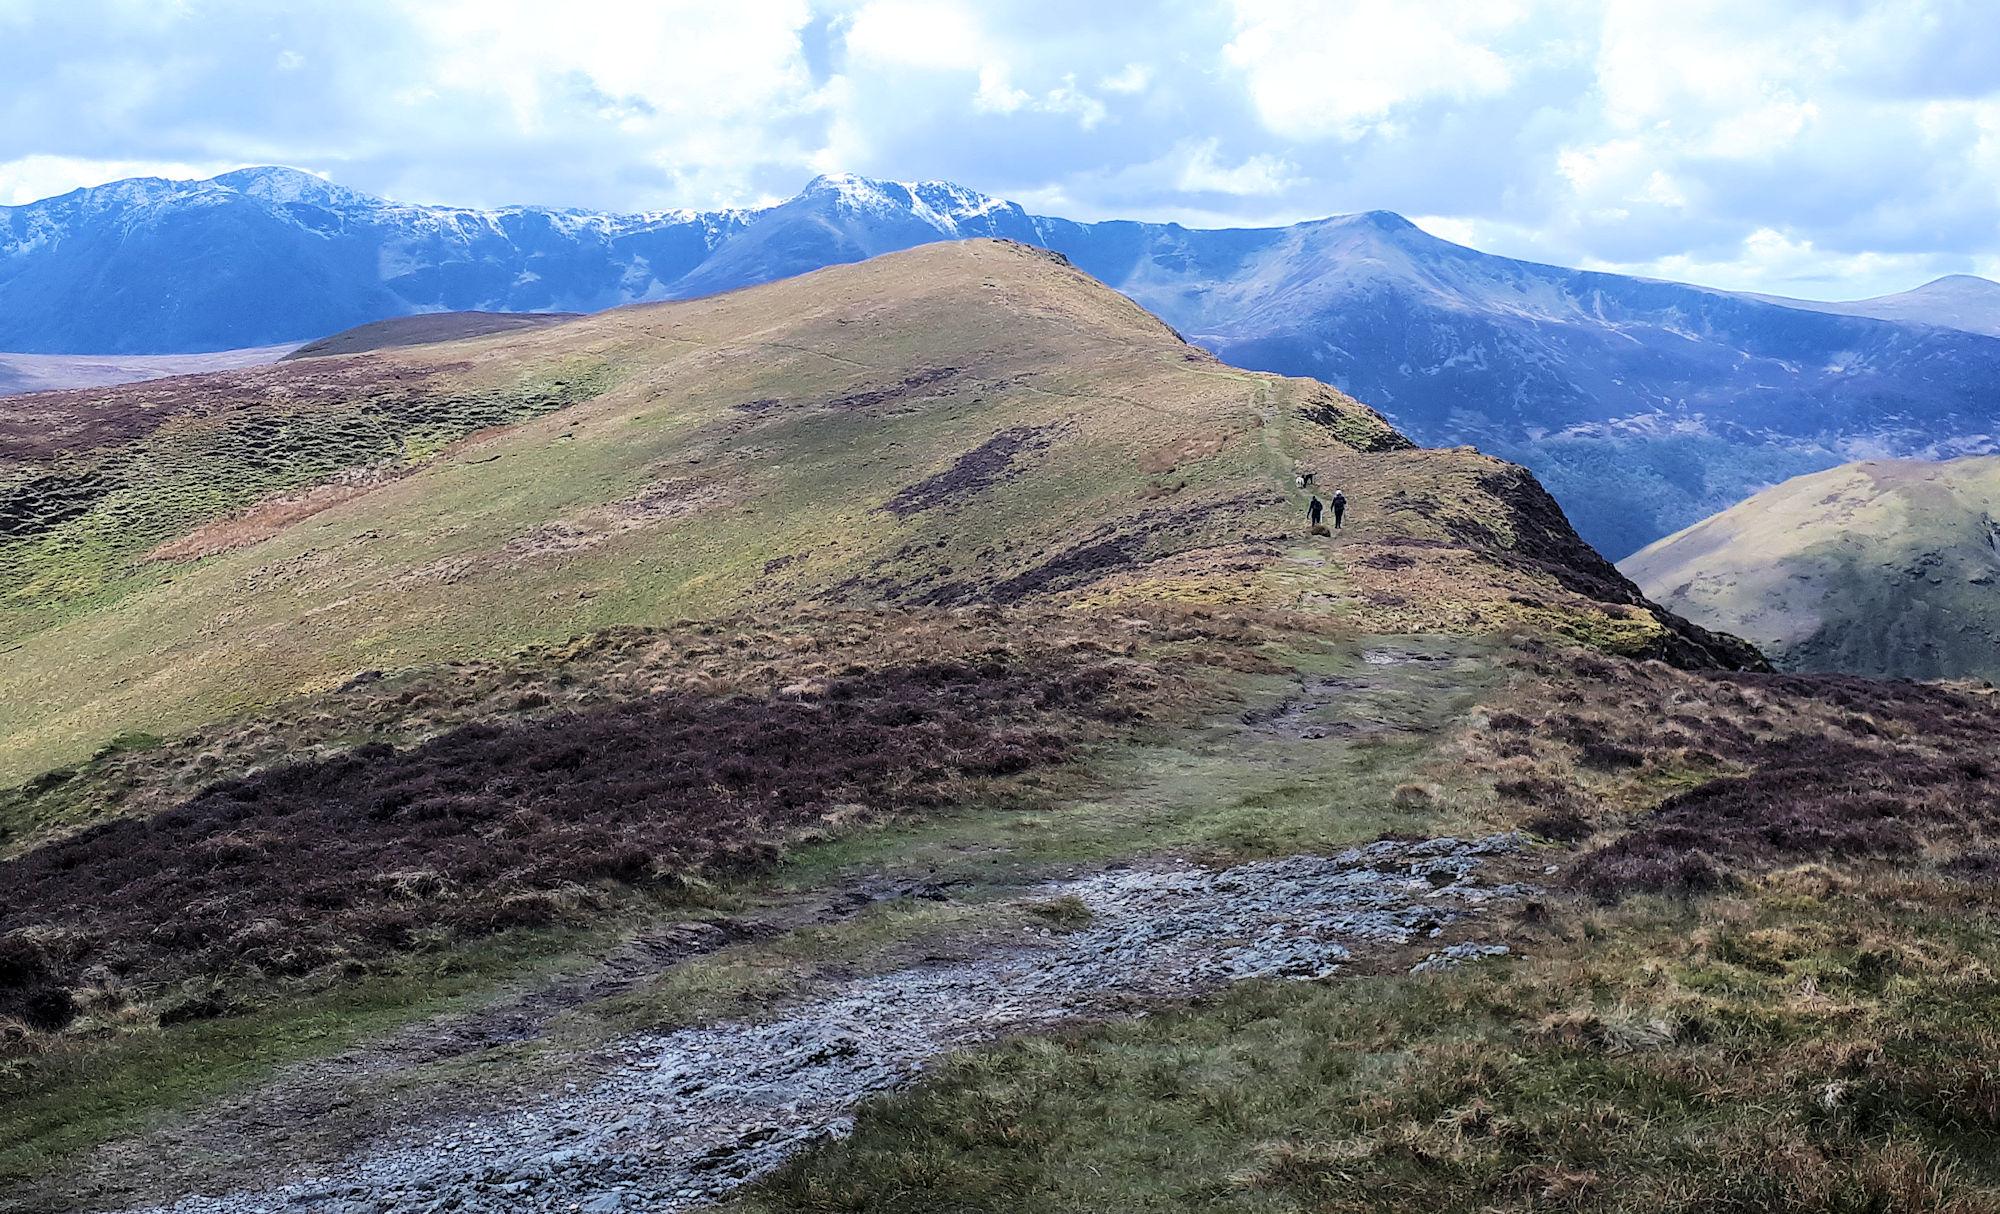 Ard Crags ridge